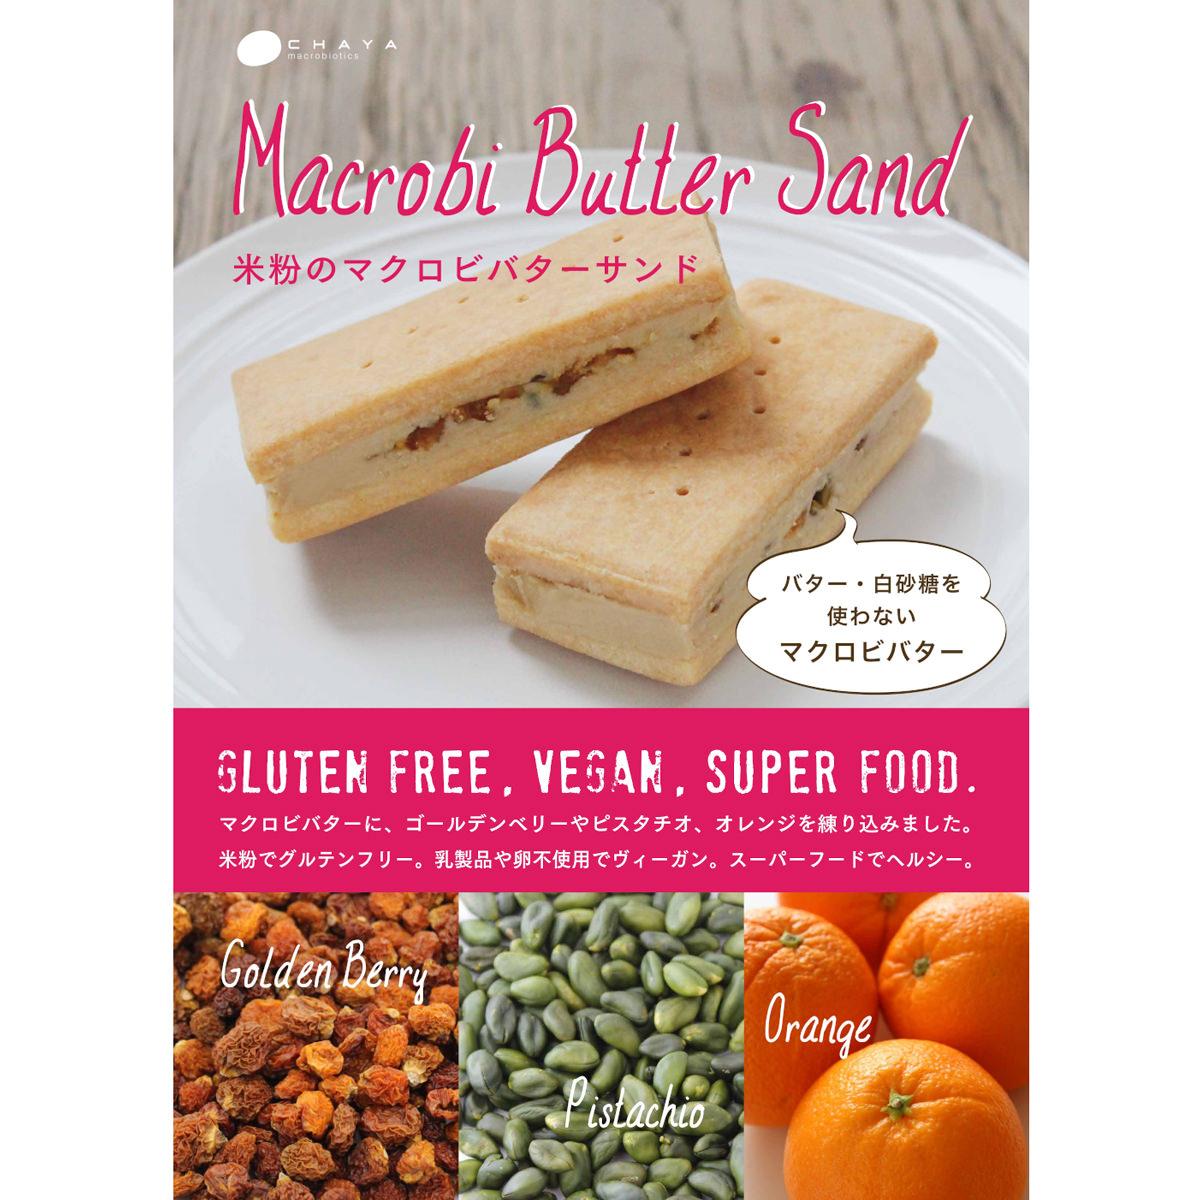 ケース 米粉のマクロビバターサンド 40個 〔42g×40〕 東京都 砂糖不使用 ヴィーガン 洋菓子 チャヤ マクロビオティックス